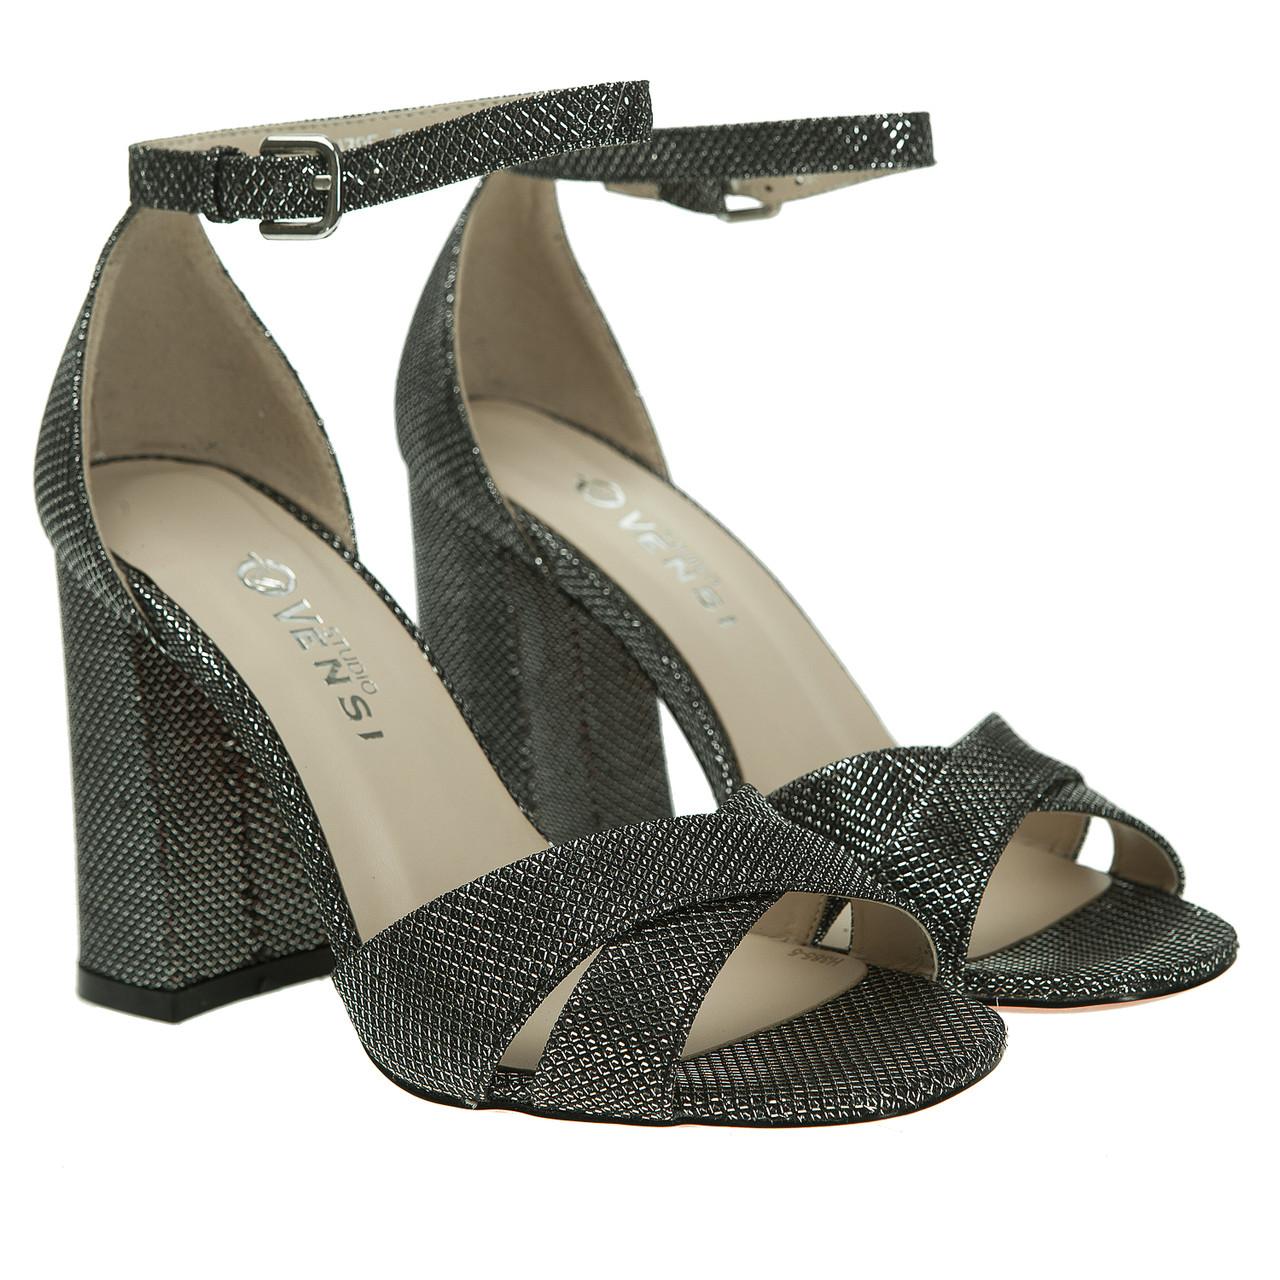 e5ff9bc13370 Купить Босоножки женские Juliana (модные, оригинальные, на устойчивом  каблуке, ...